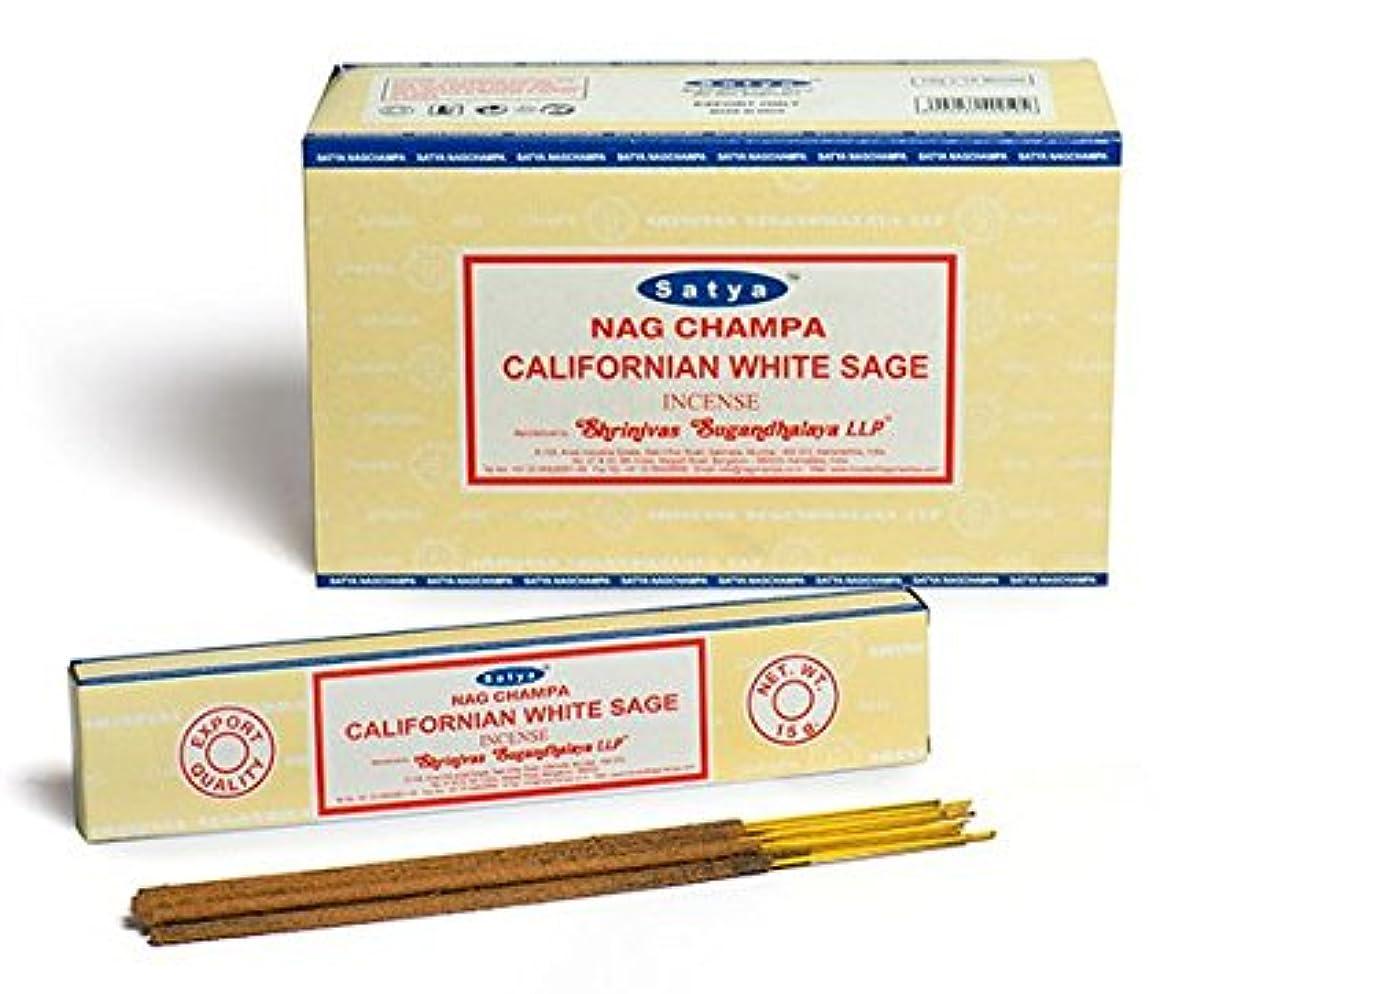 行政口実換気Satya Nag Champa カリフォルニアホワイトセージ香スティック Agarbatti 180グラムボックス | 15グラム入り12パック 箱入り | 輸出品質